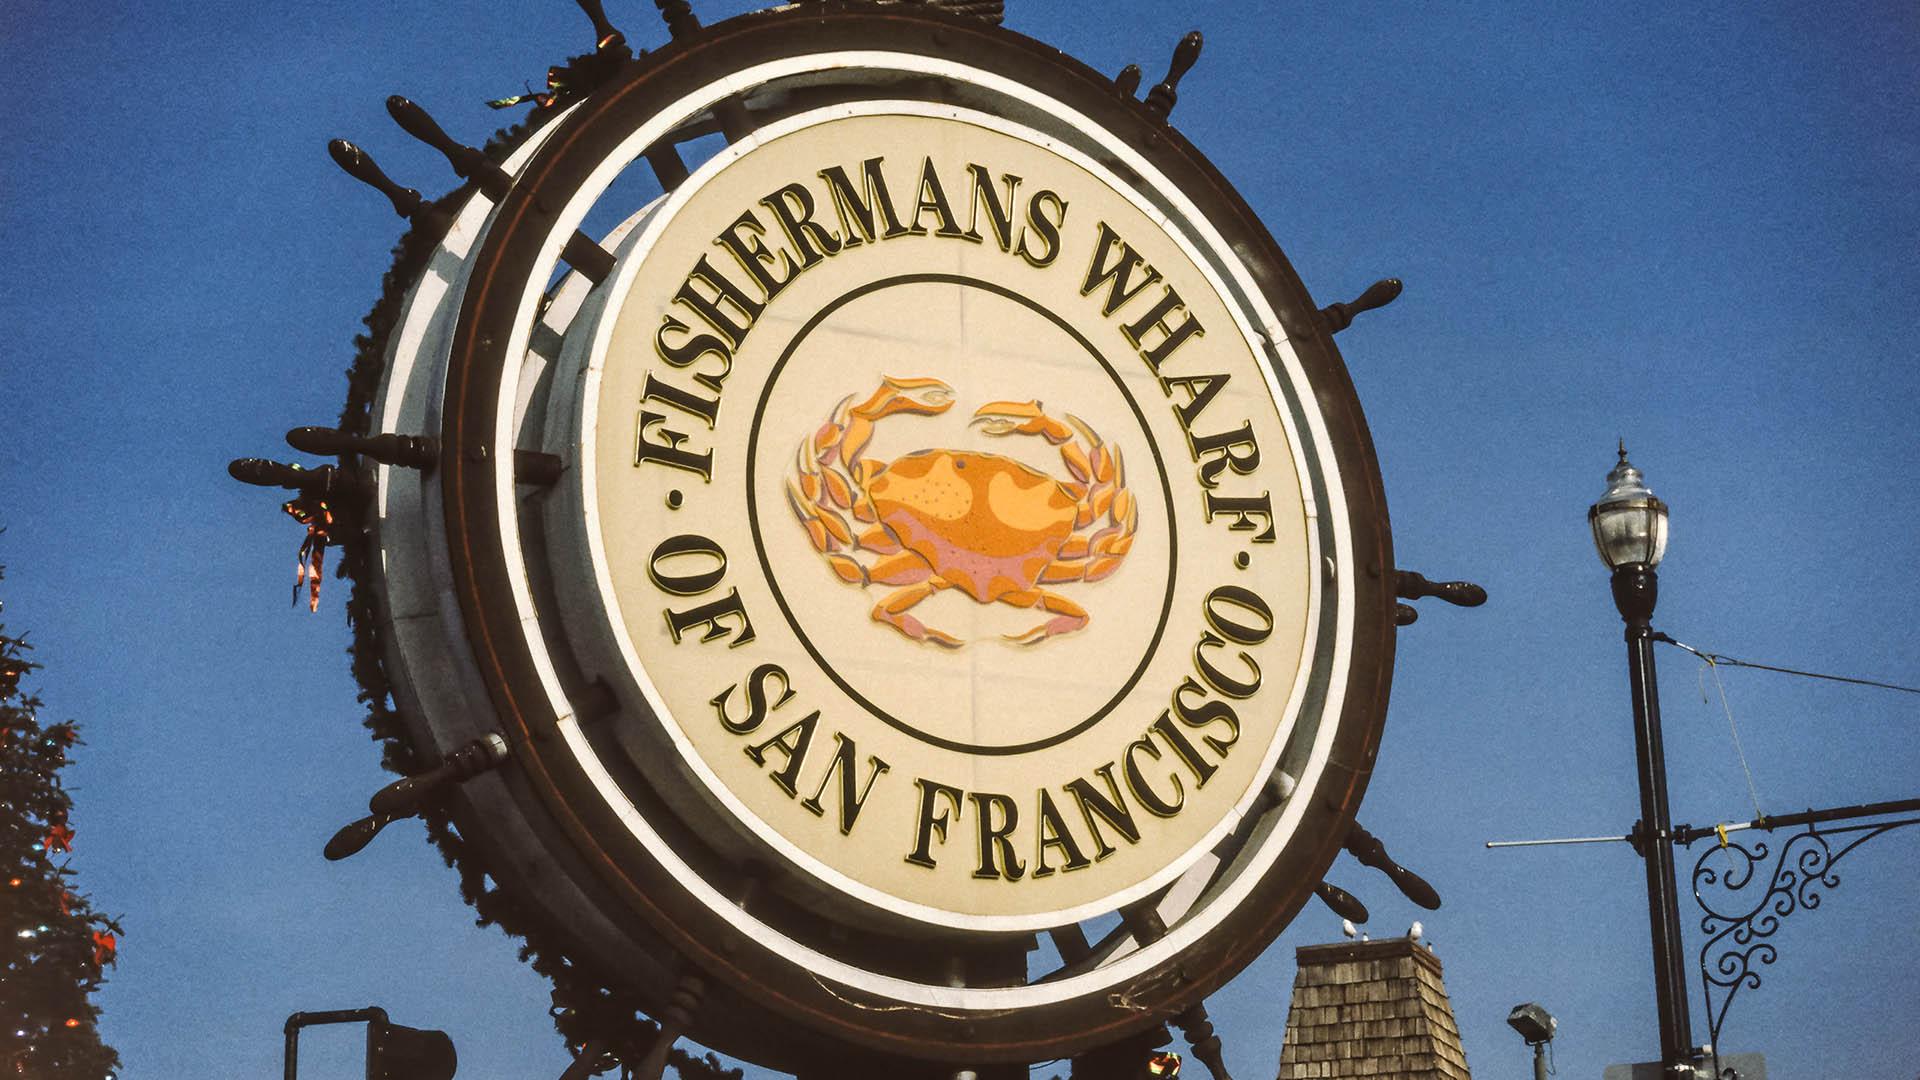 Cape Cod Hotels >> Reisebericht San Francisco - Reisetipps und Highlights der ...